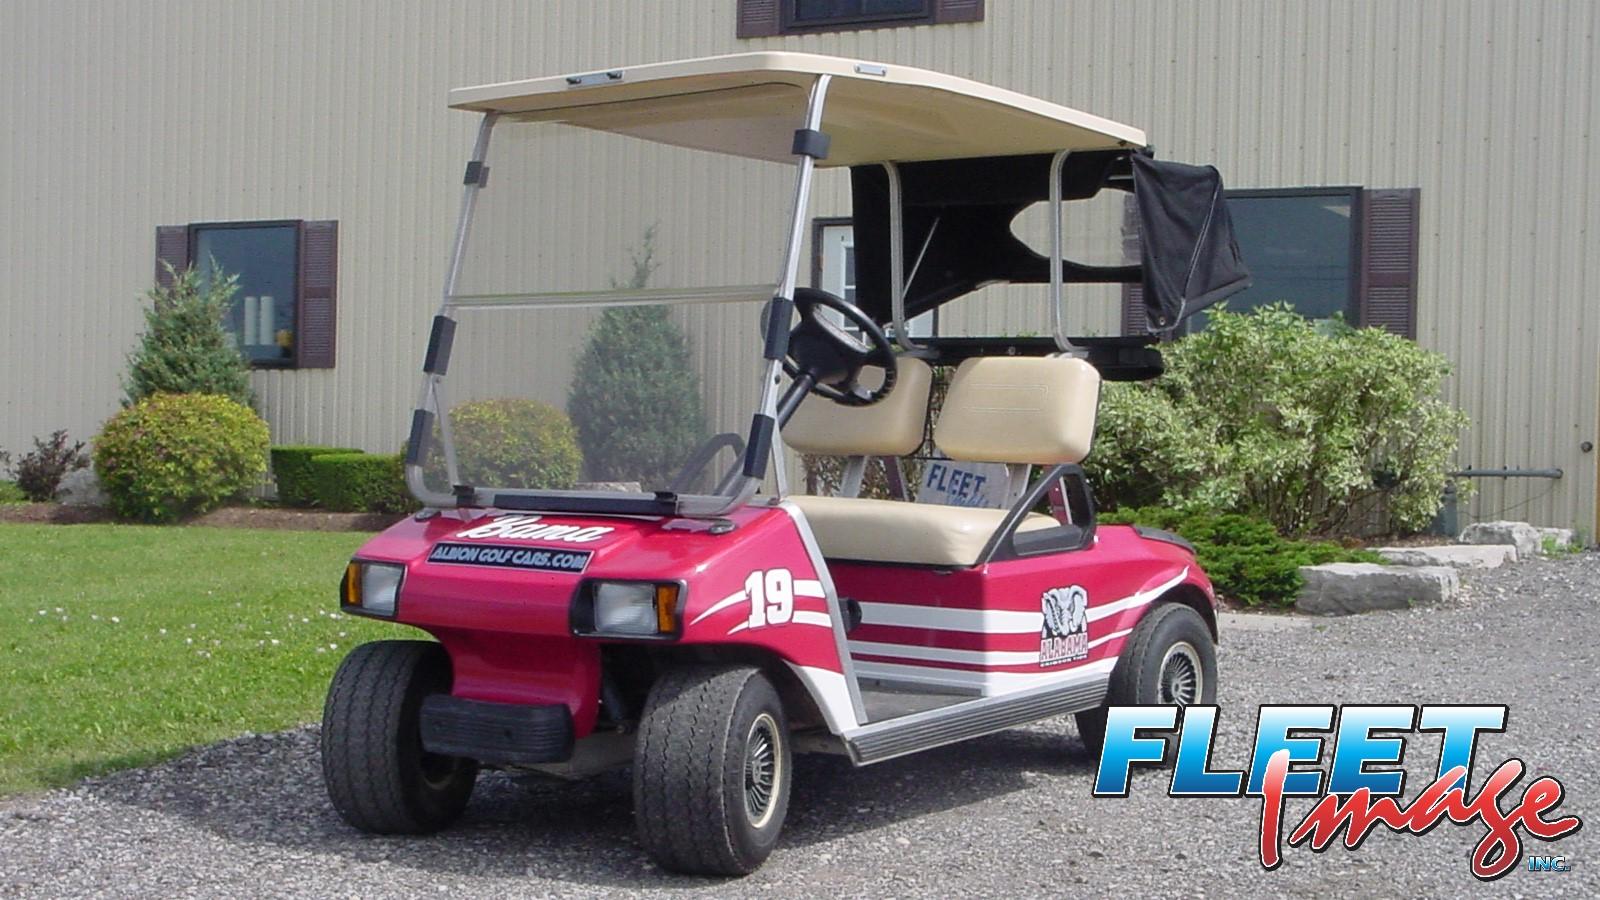 Alabama golfcart